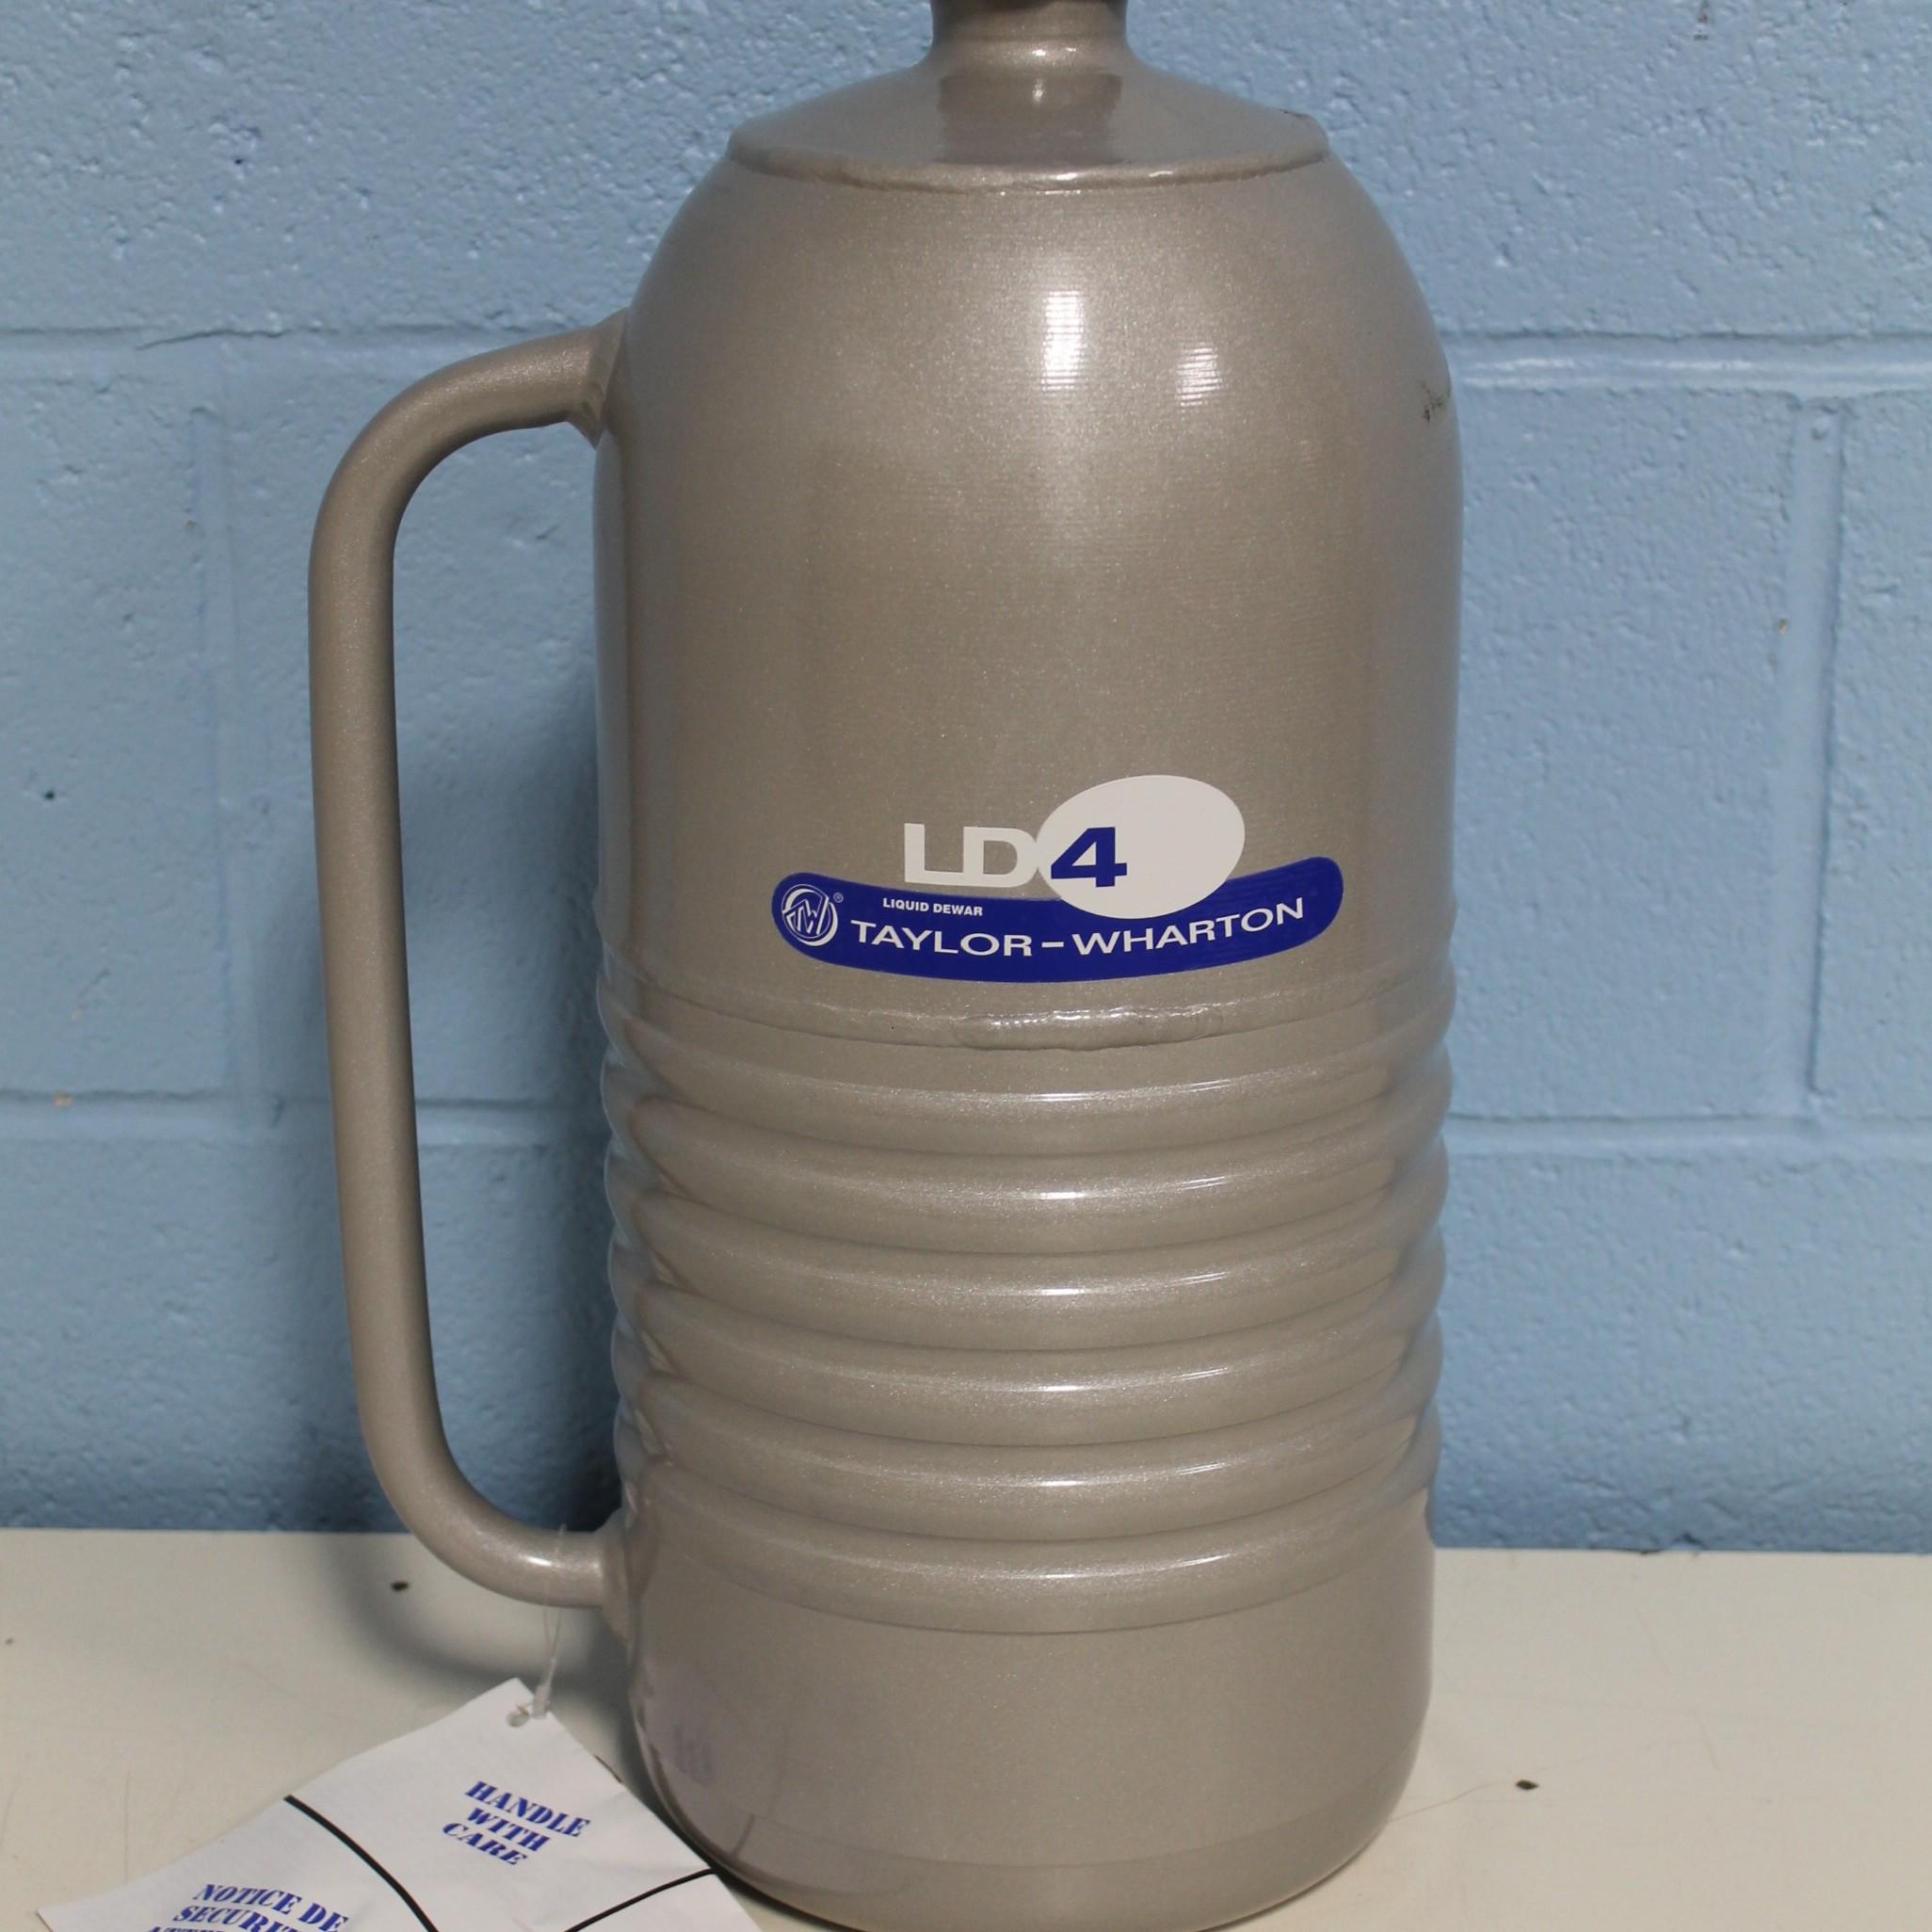 Taylor Wharton 4LDB 4L Liquid Nitrogen Storage Dewar Image